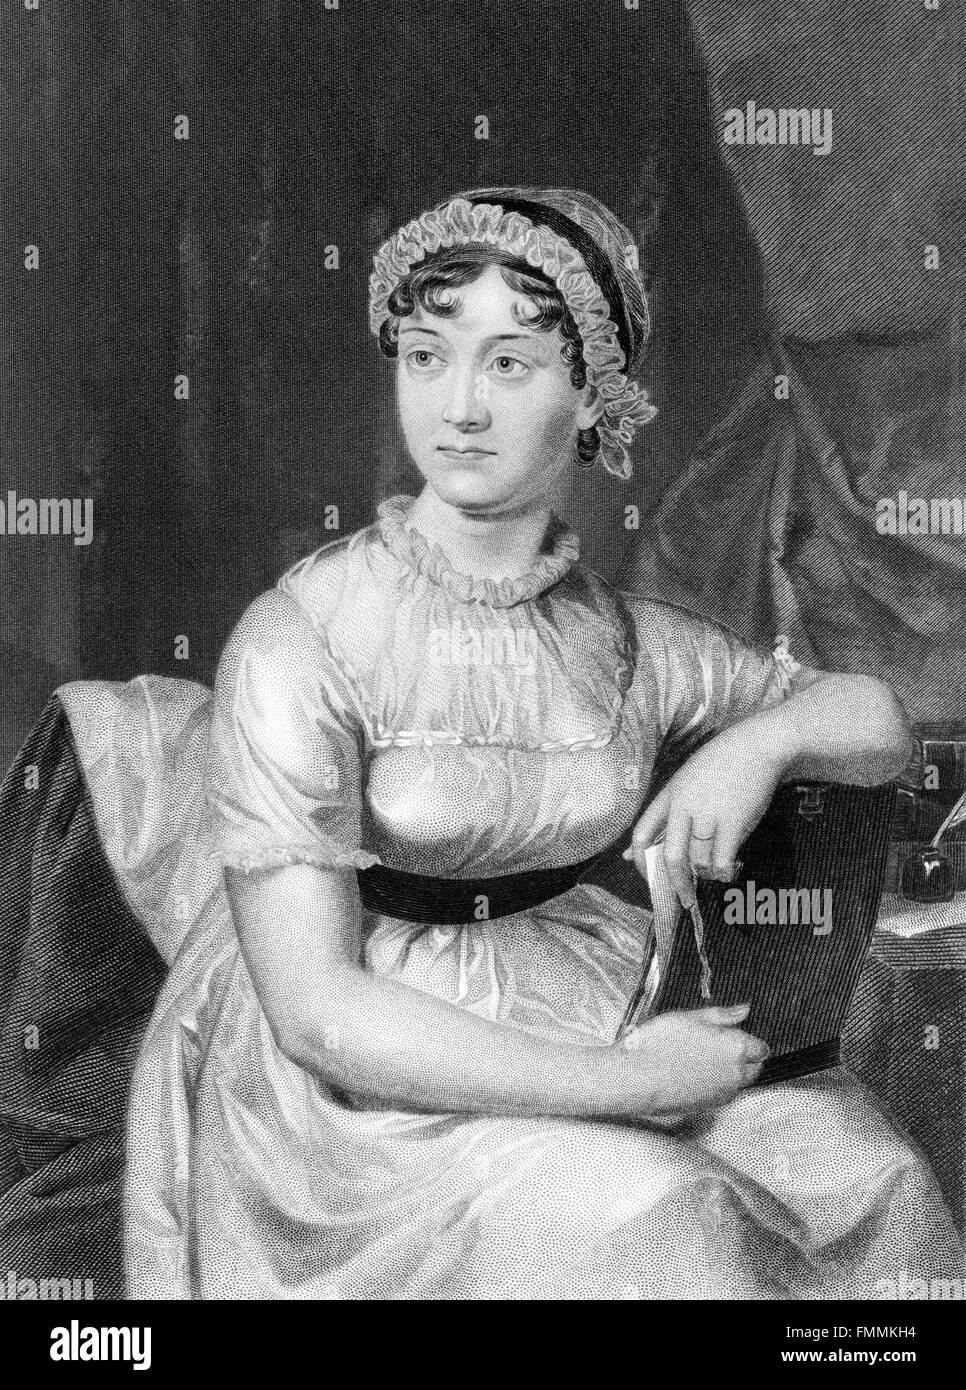 Jane Austen (1775-1817). Retrato. Imagen De Stock